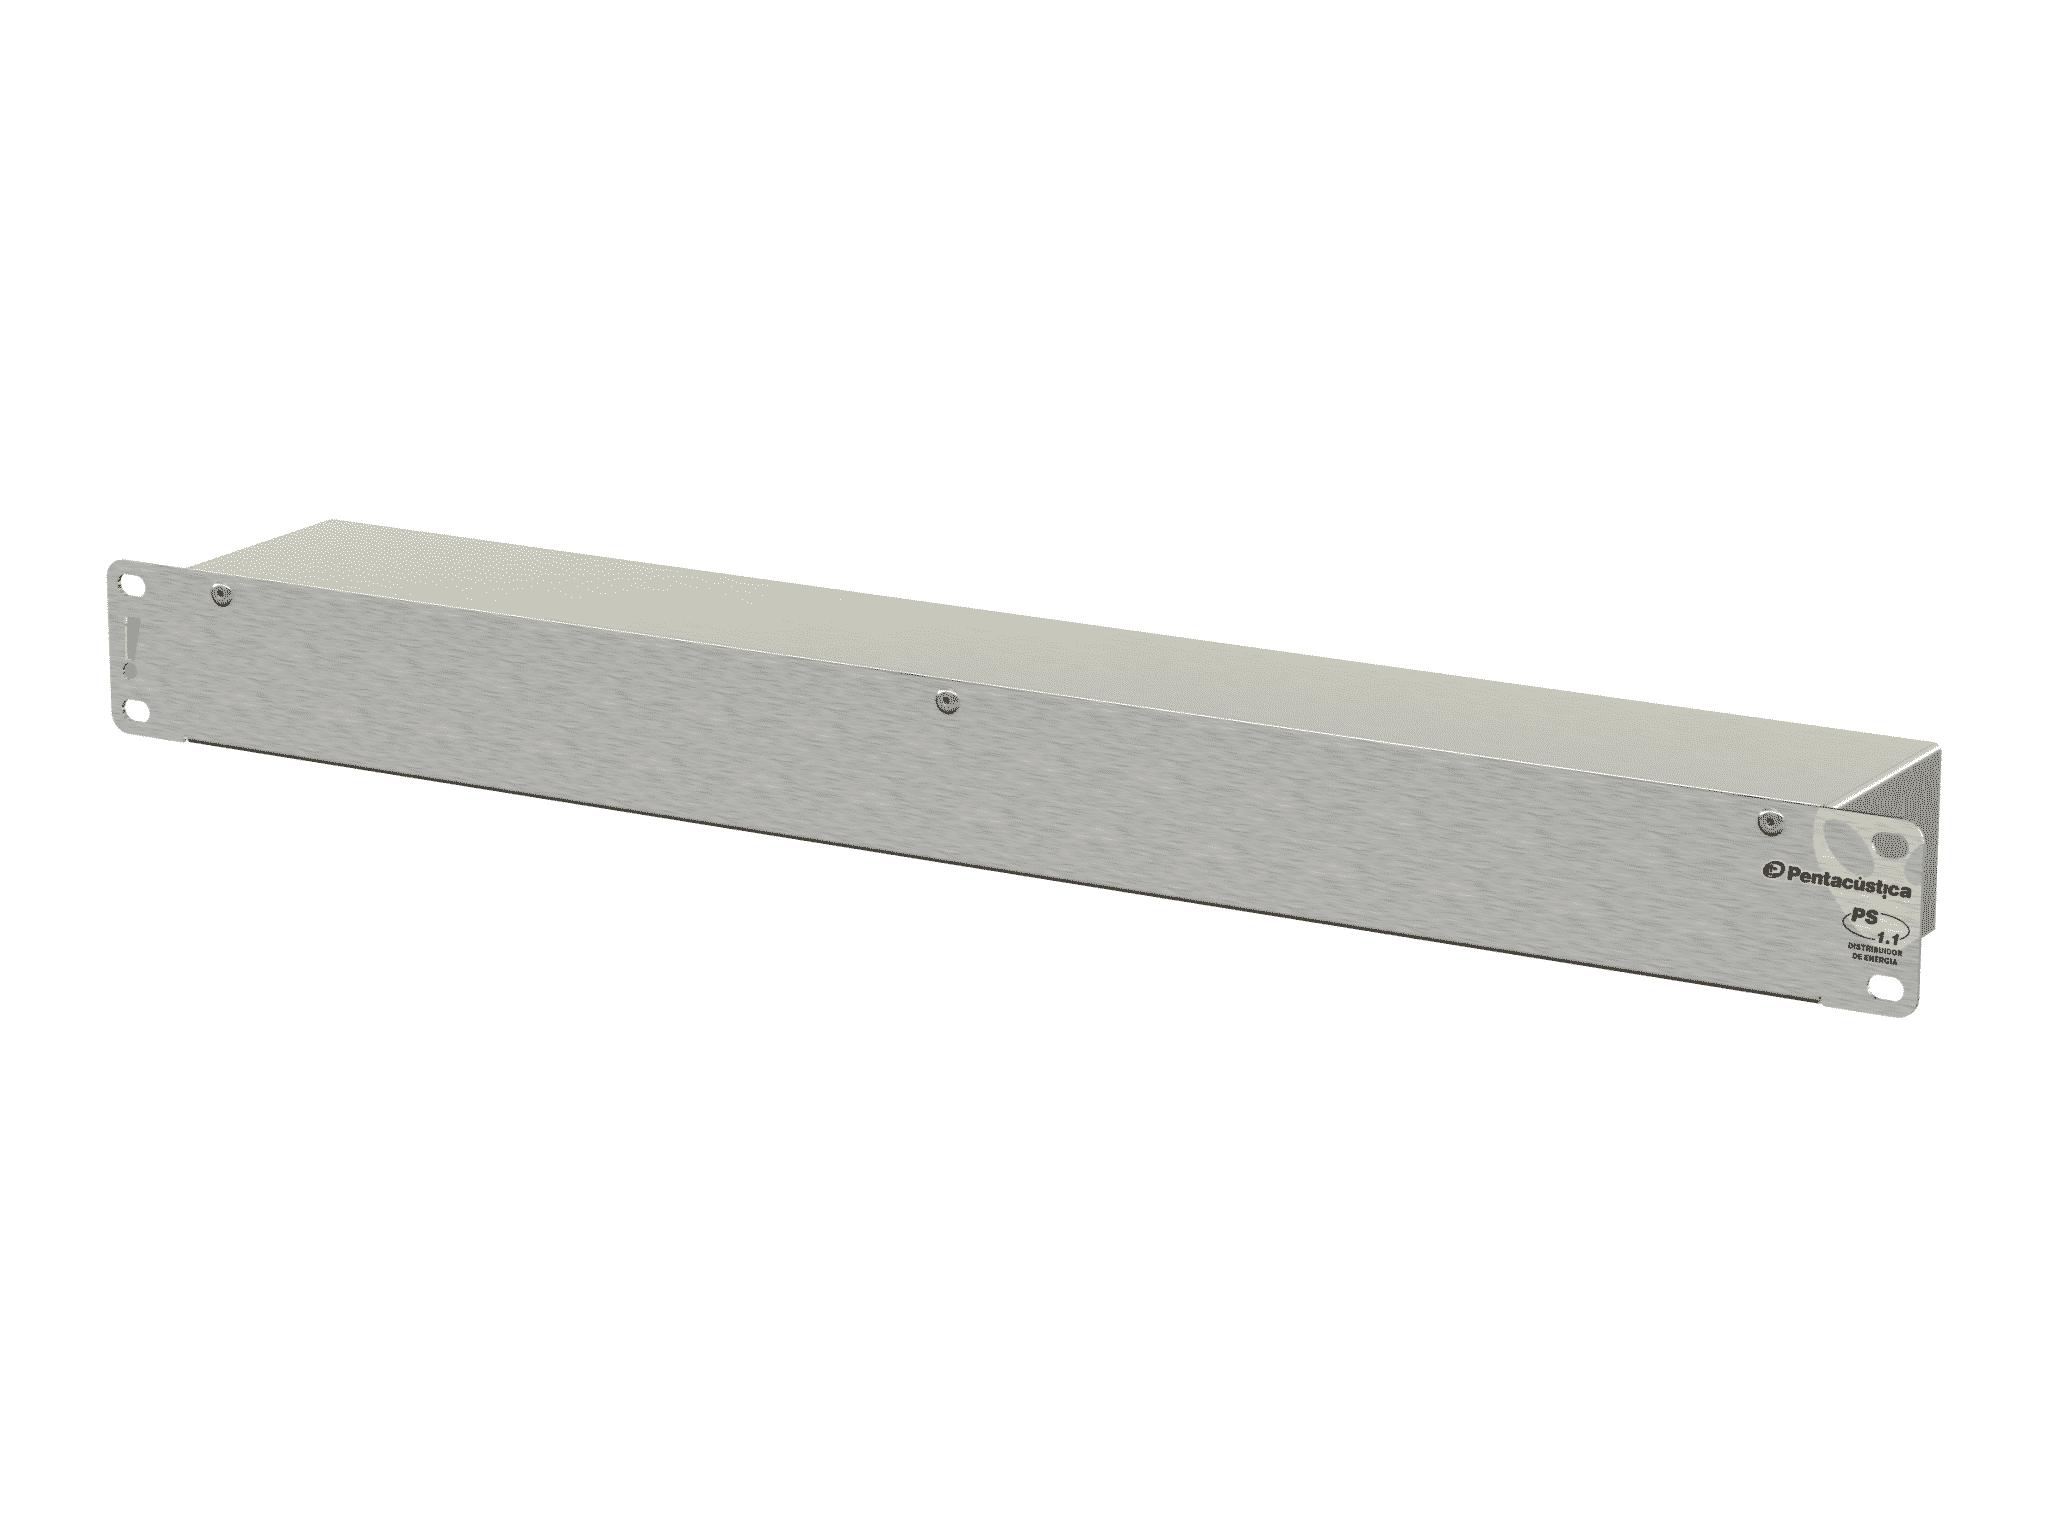 Distribuidor de energia PS-1.1